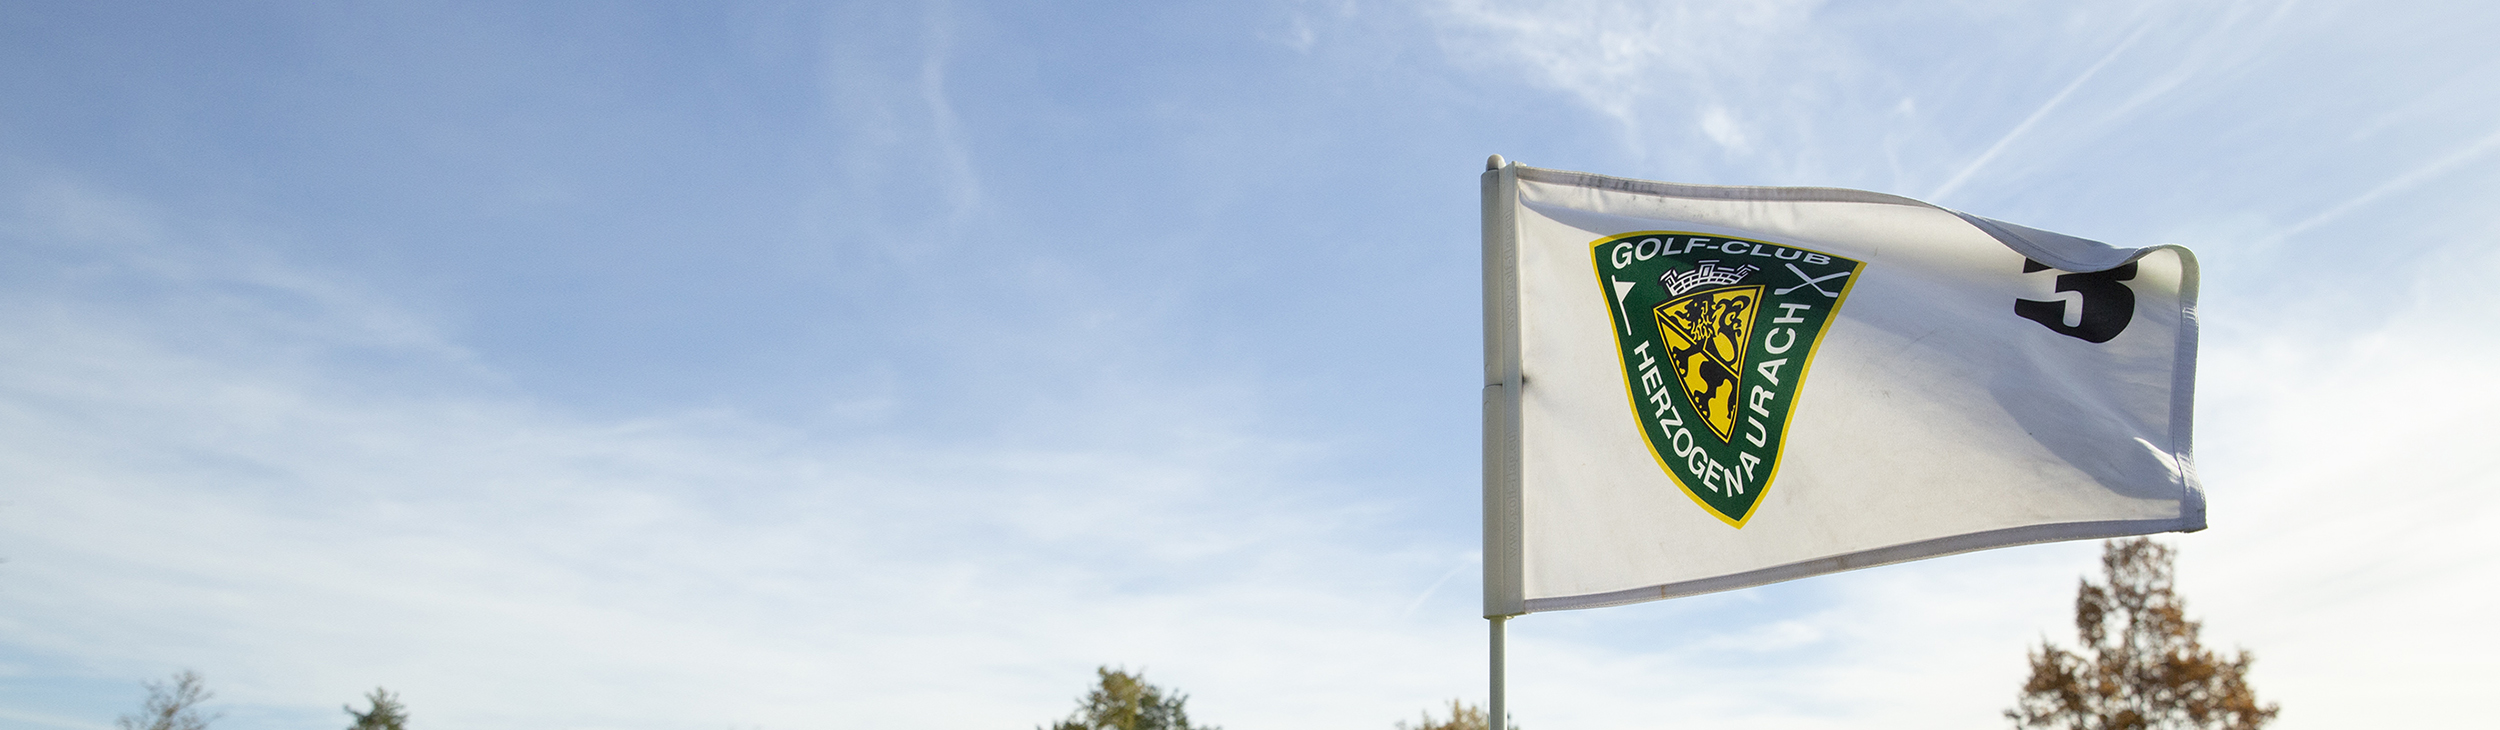 Golf-Club Herzogenaurach | Mitgliedschaft